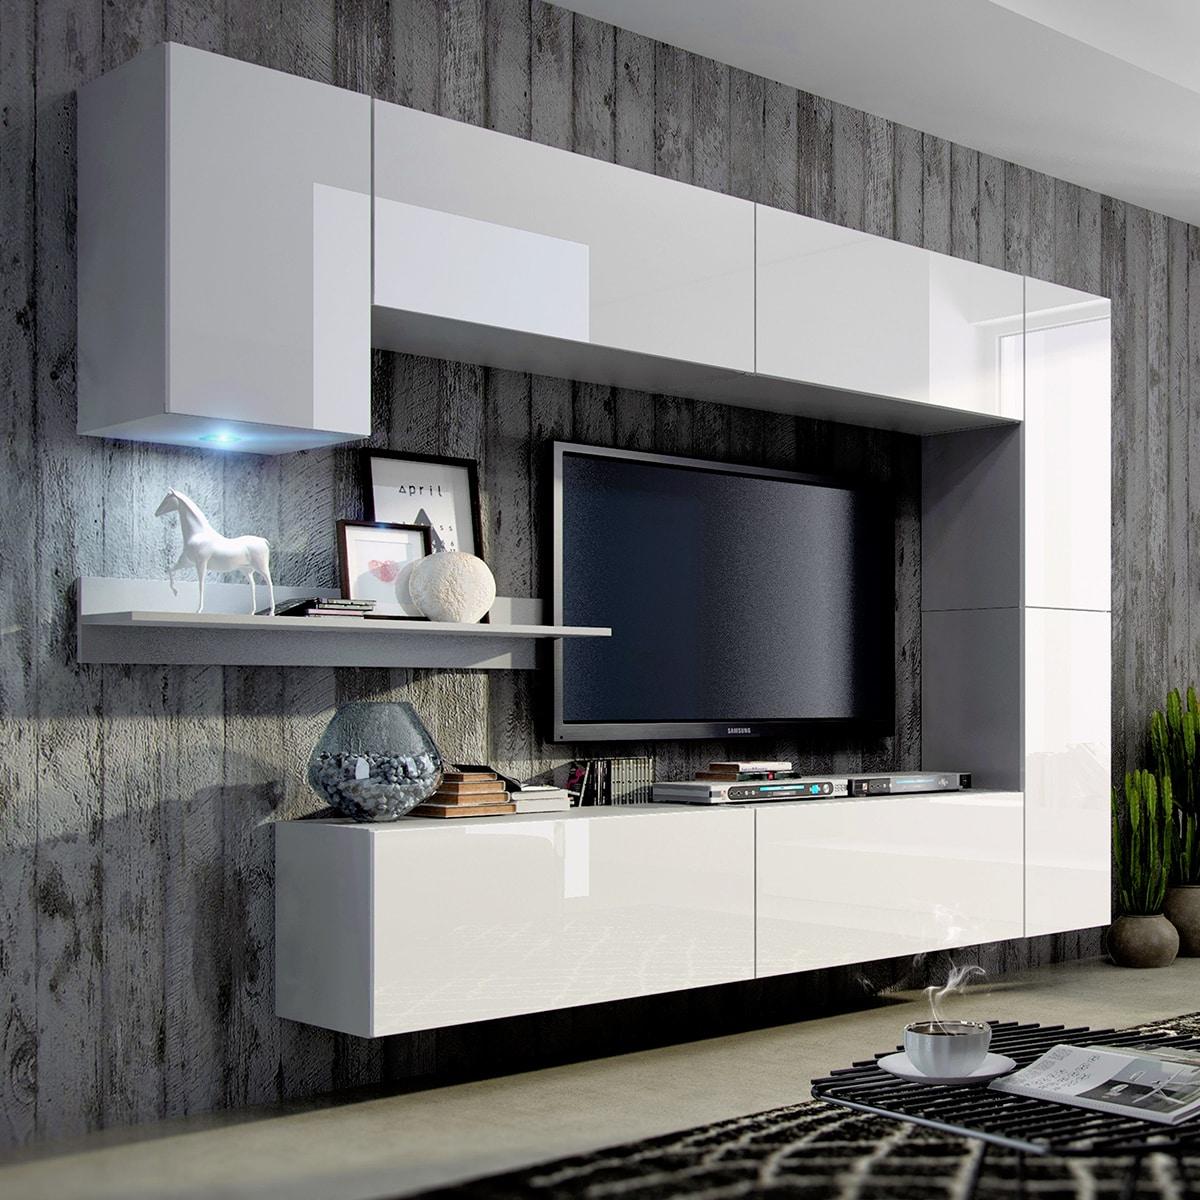 Tienda De Muebles Para El Hogar Y Oficina Prime Home Es Env Os  # Muebles Sorento